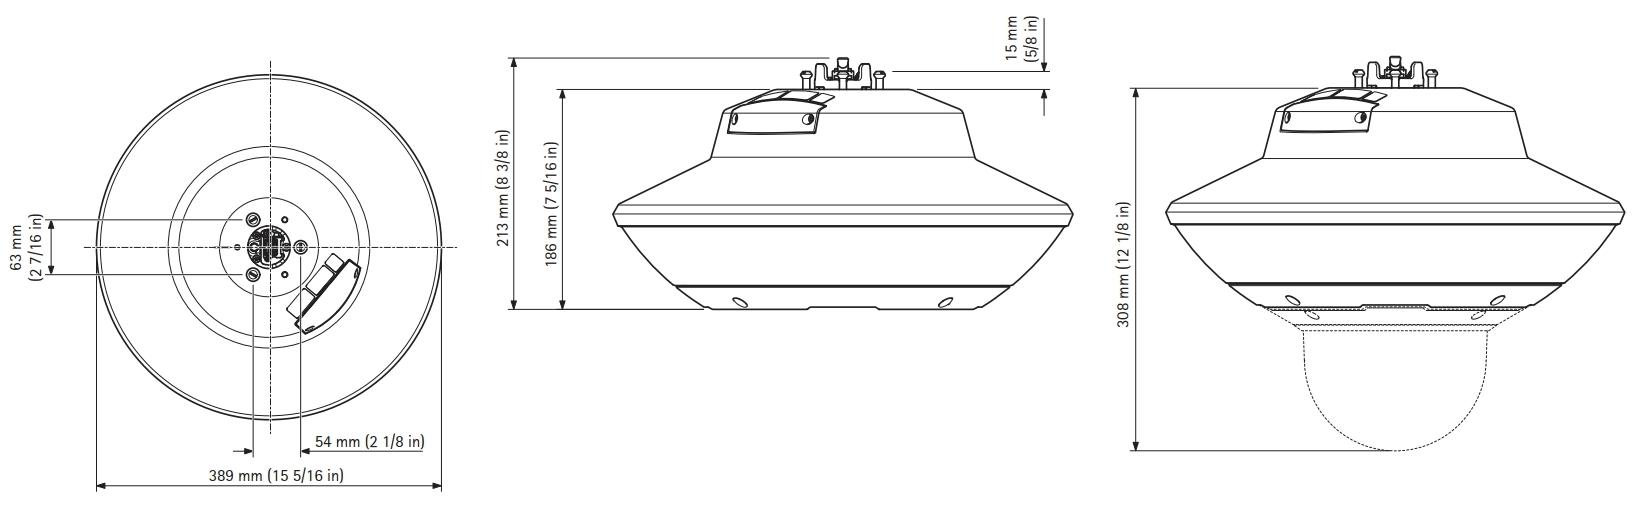 Q6000-E Mk II